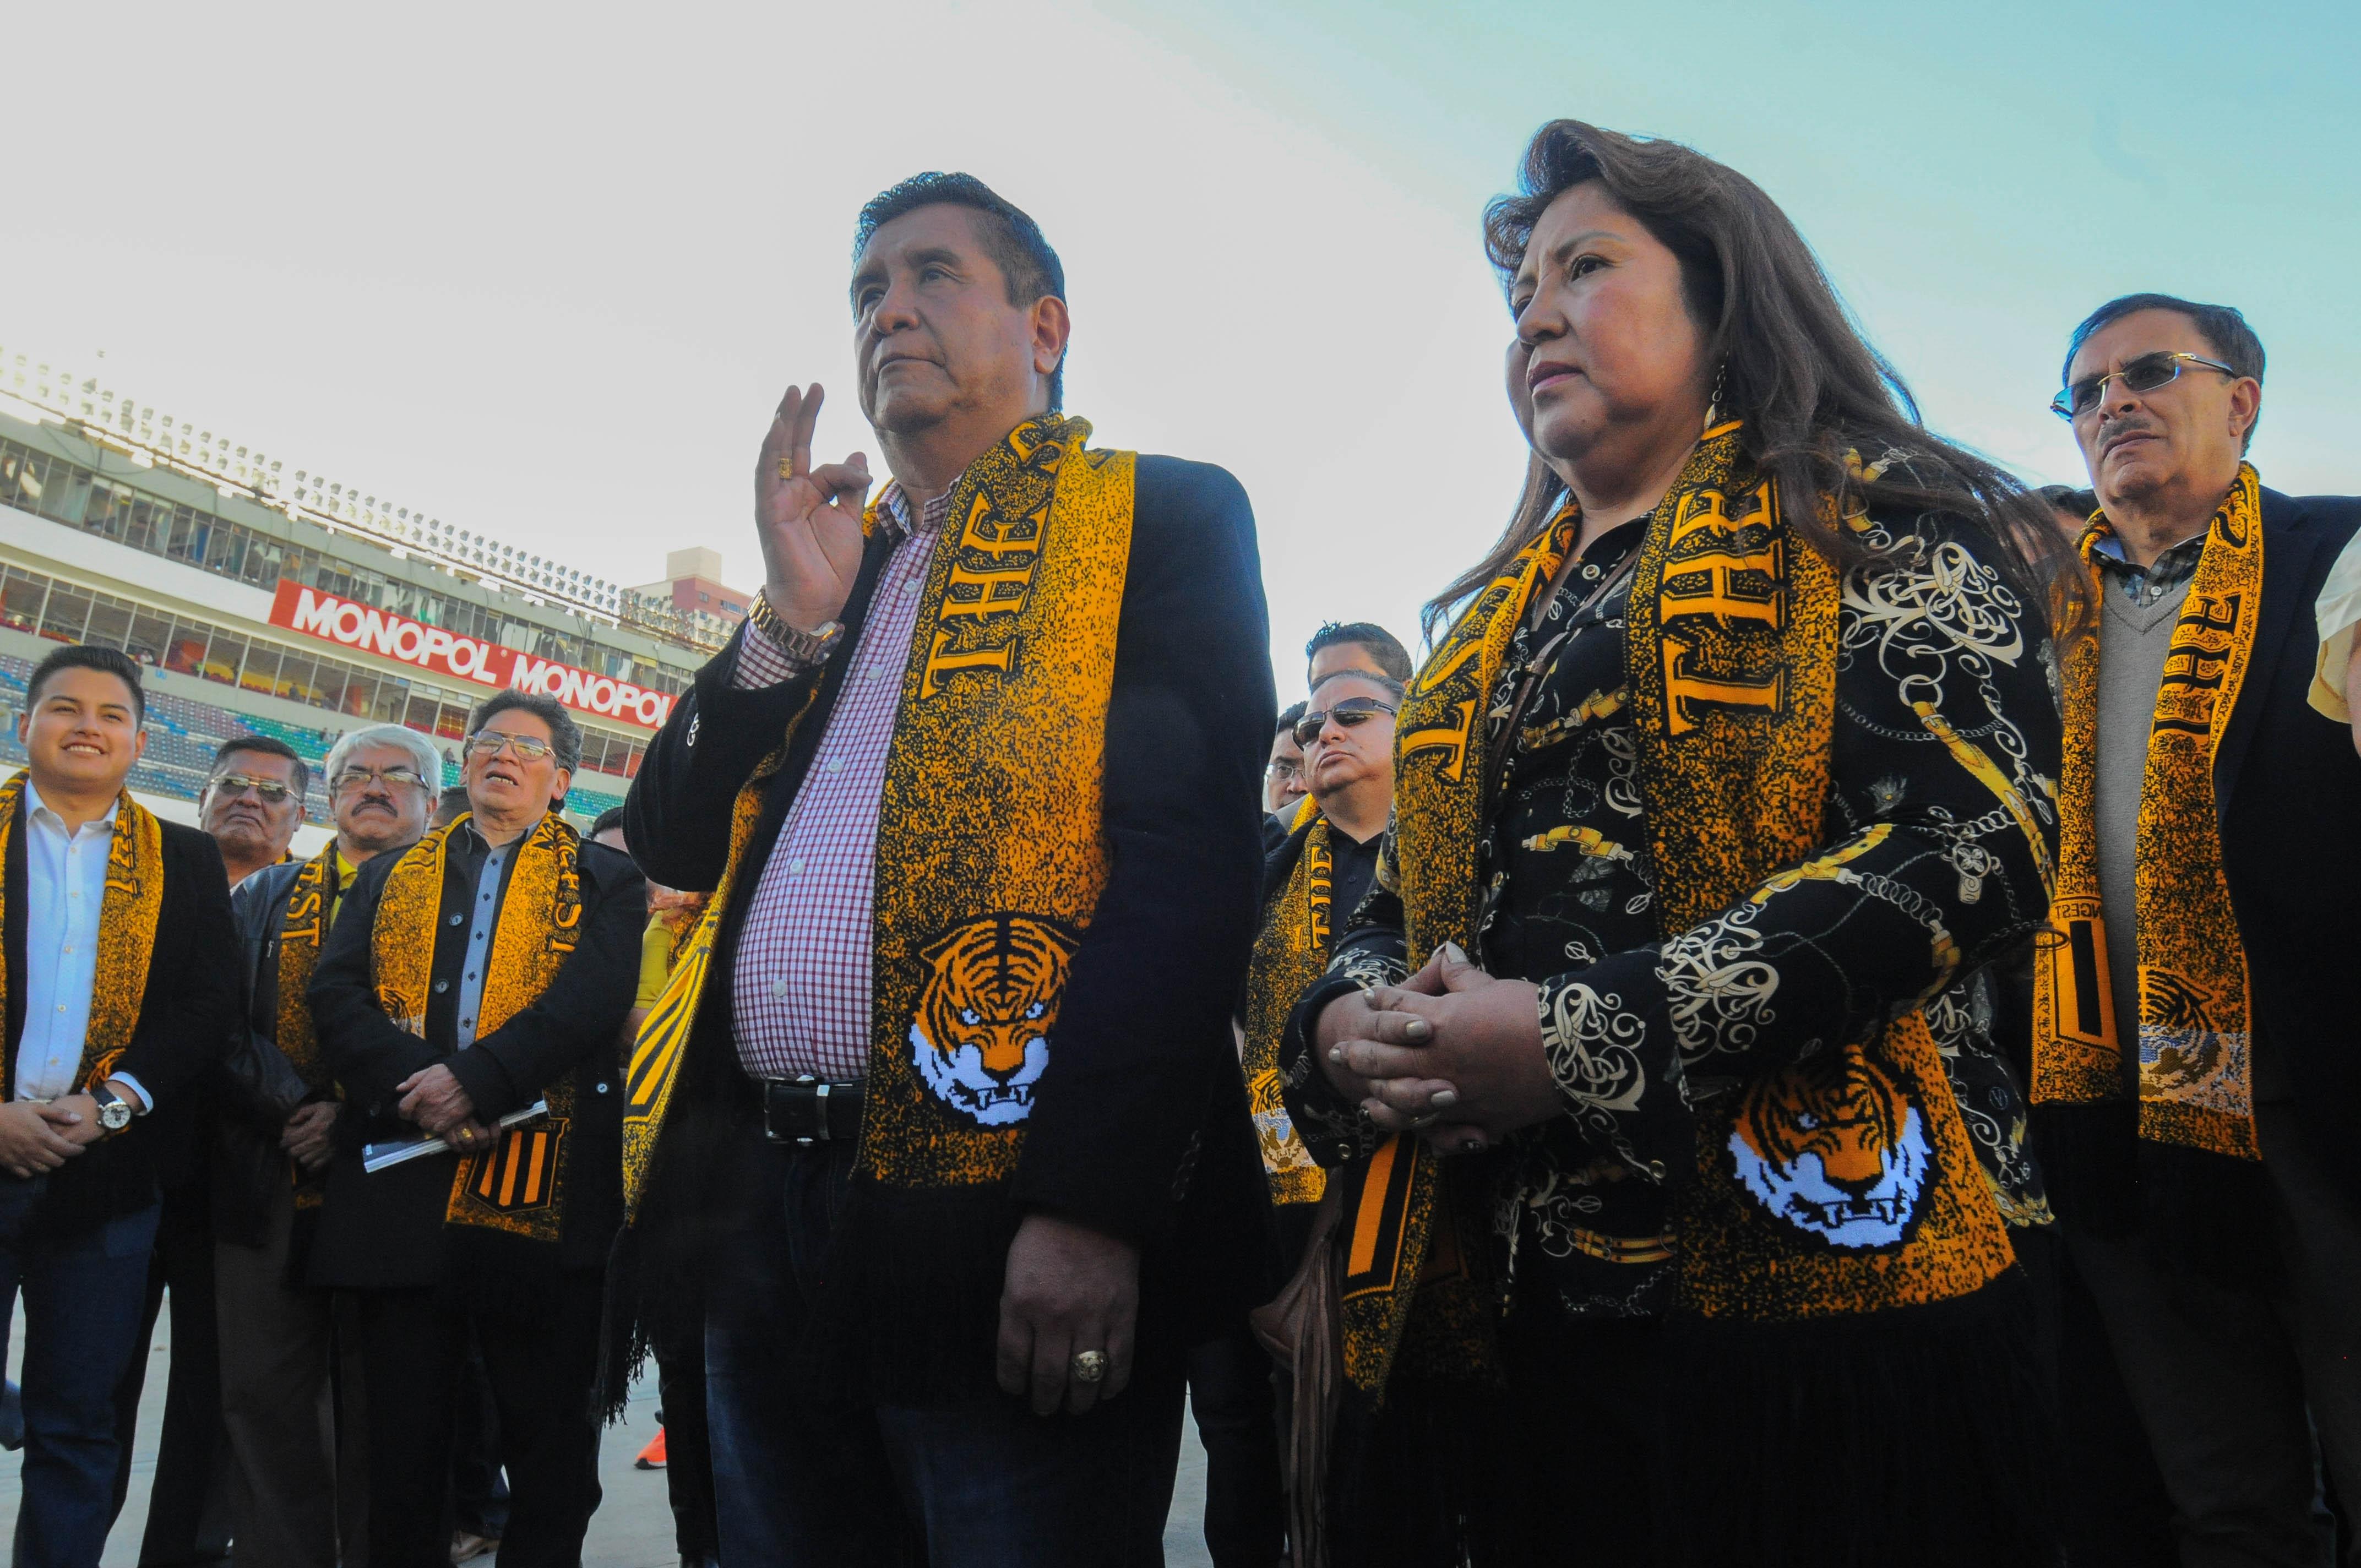 Salinas se perfila a la presidencia tras inhabilitación de Loayza y Negrete